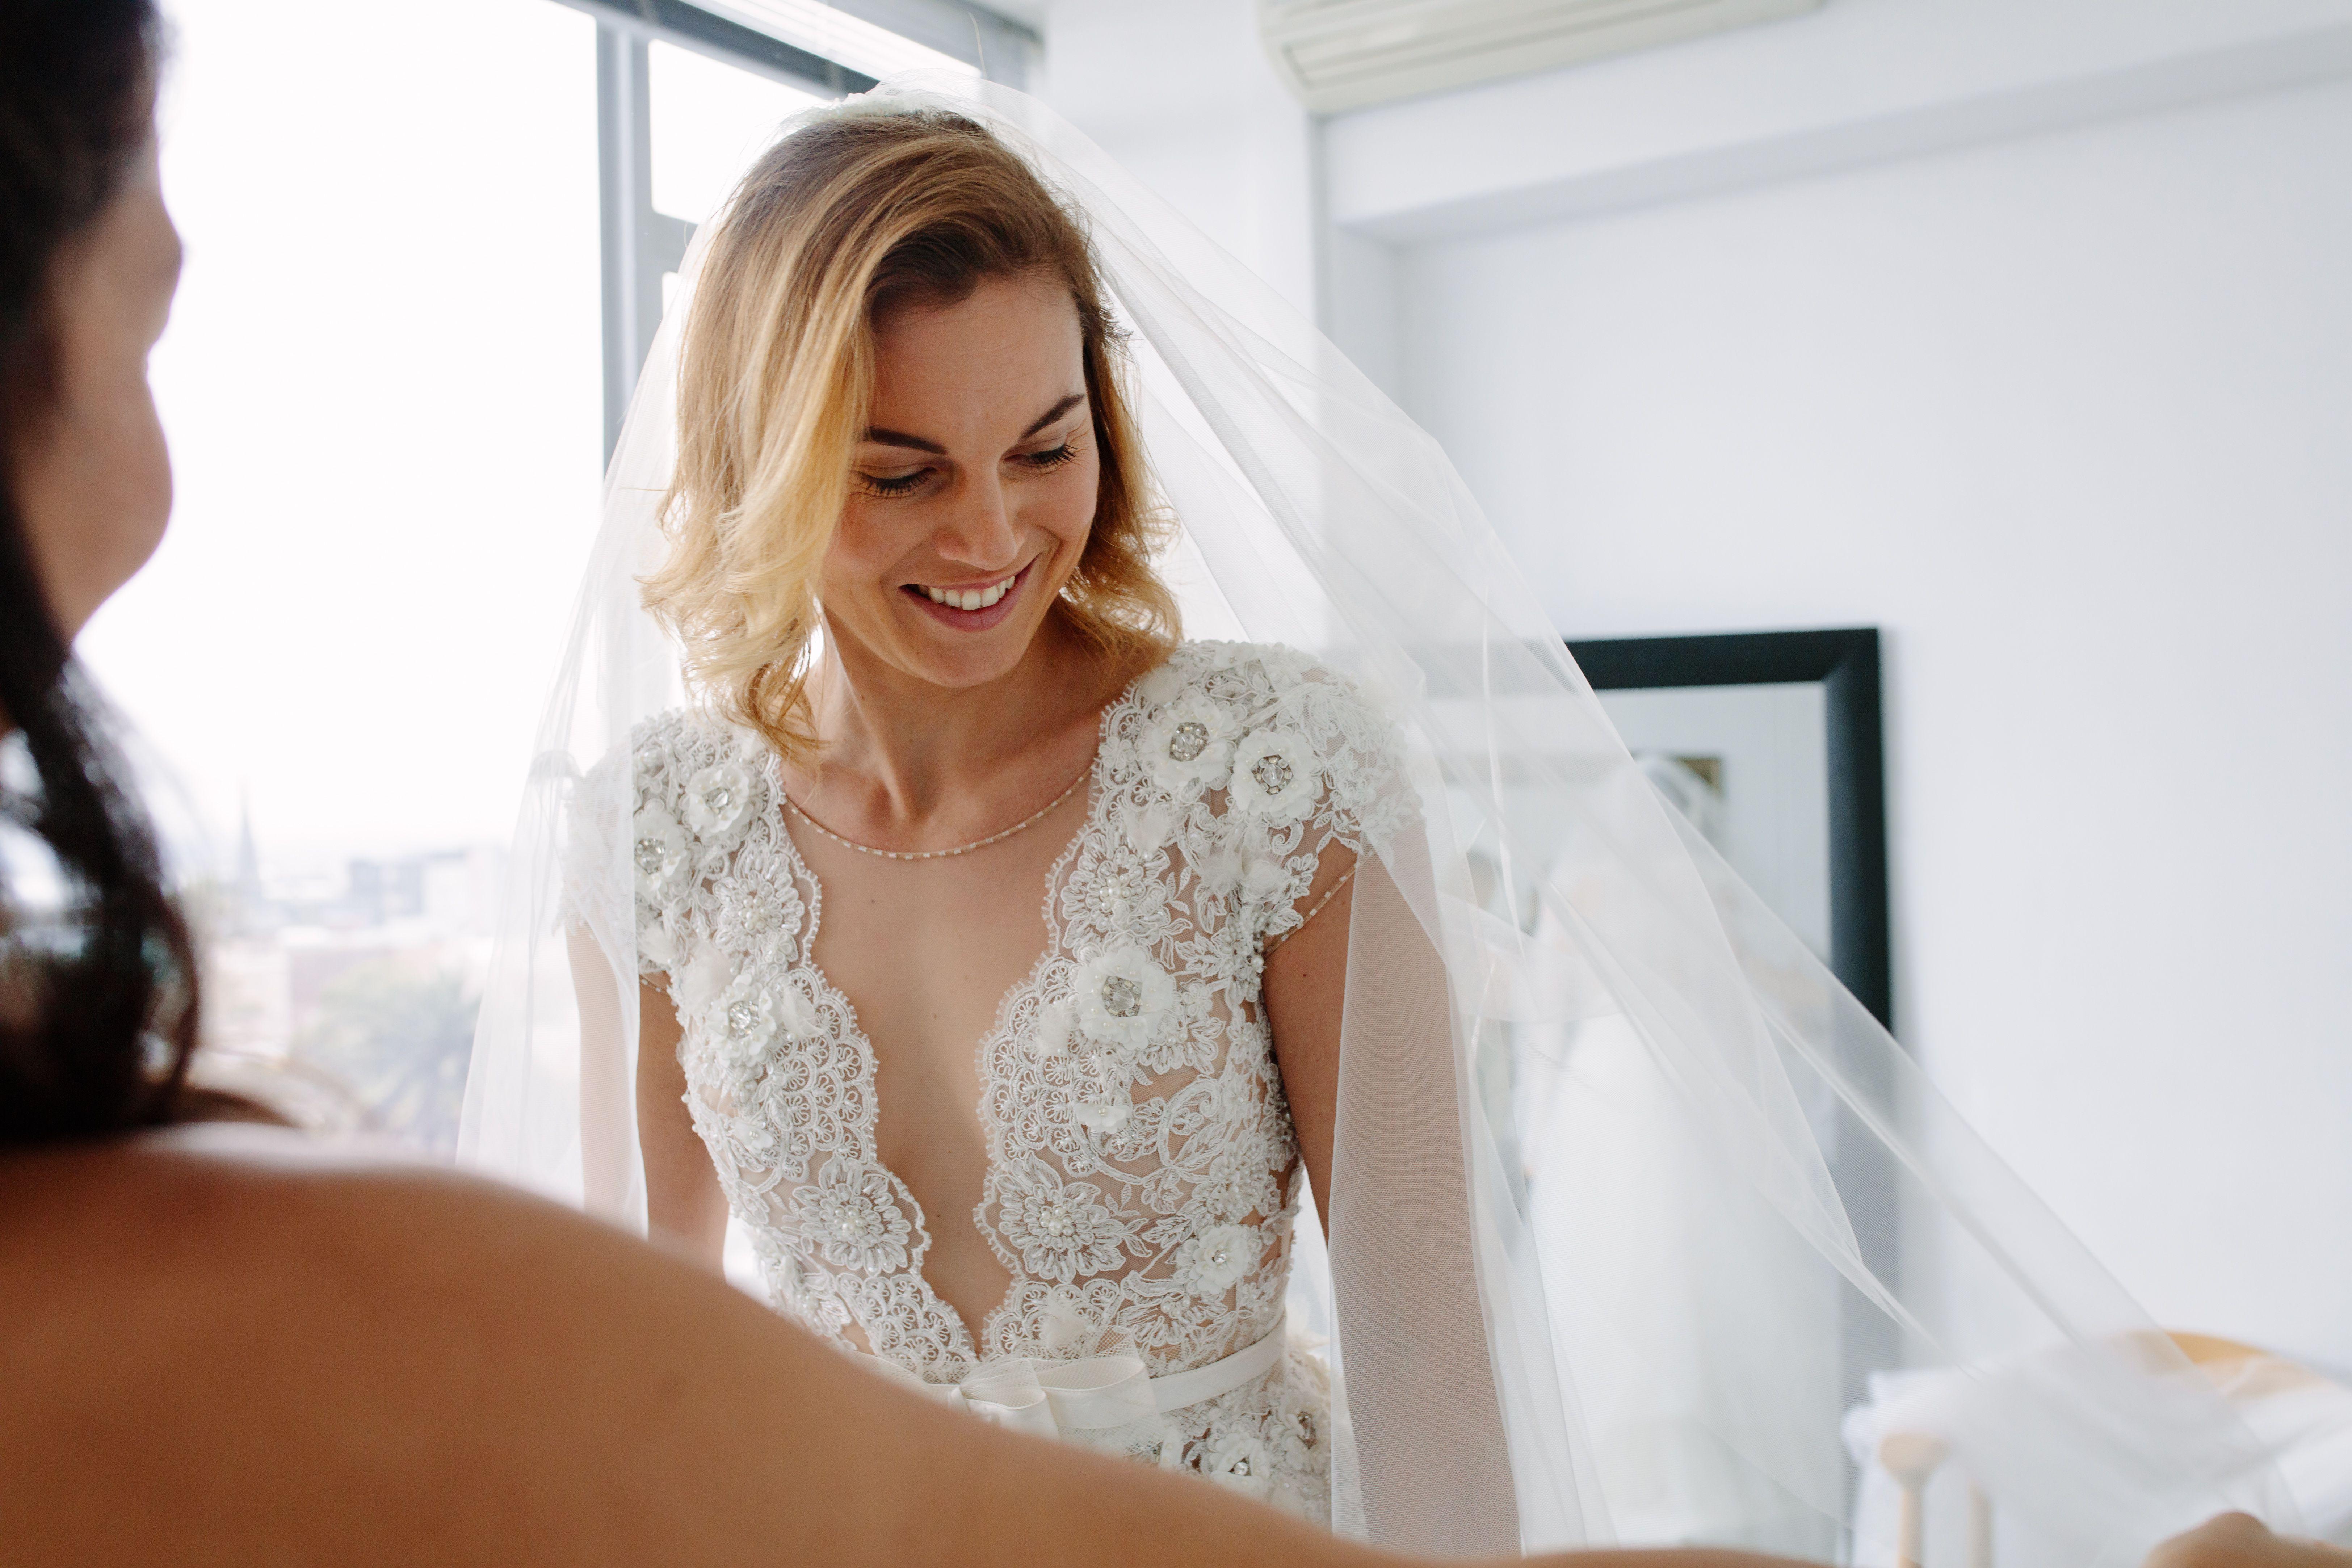 Futura novia que se pone un vestido nuevo